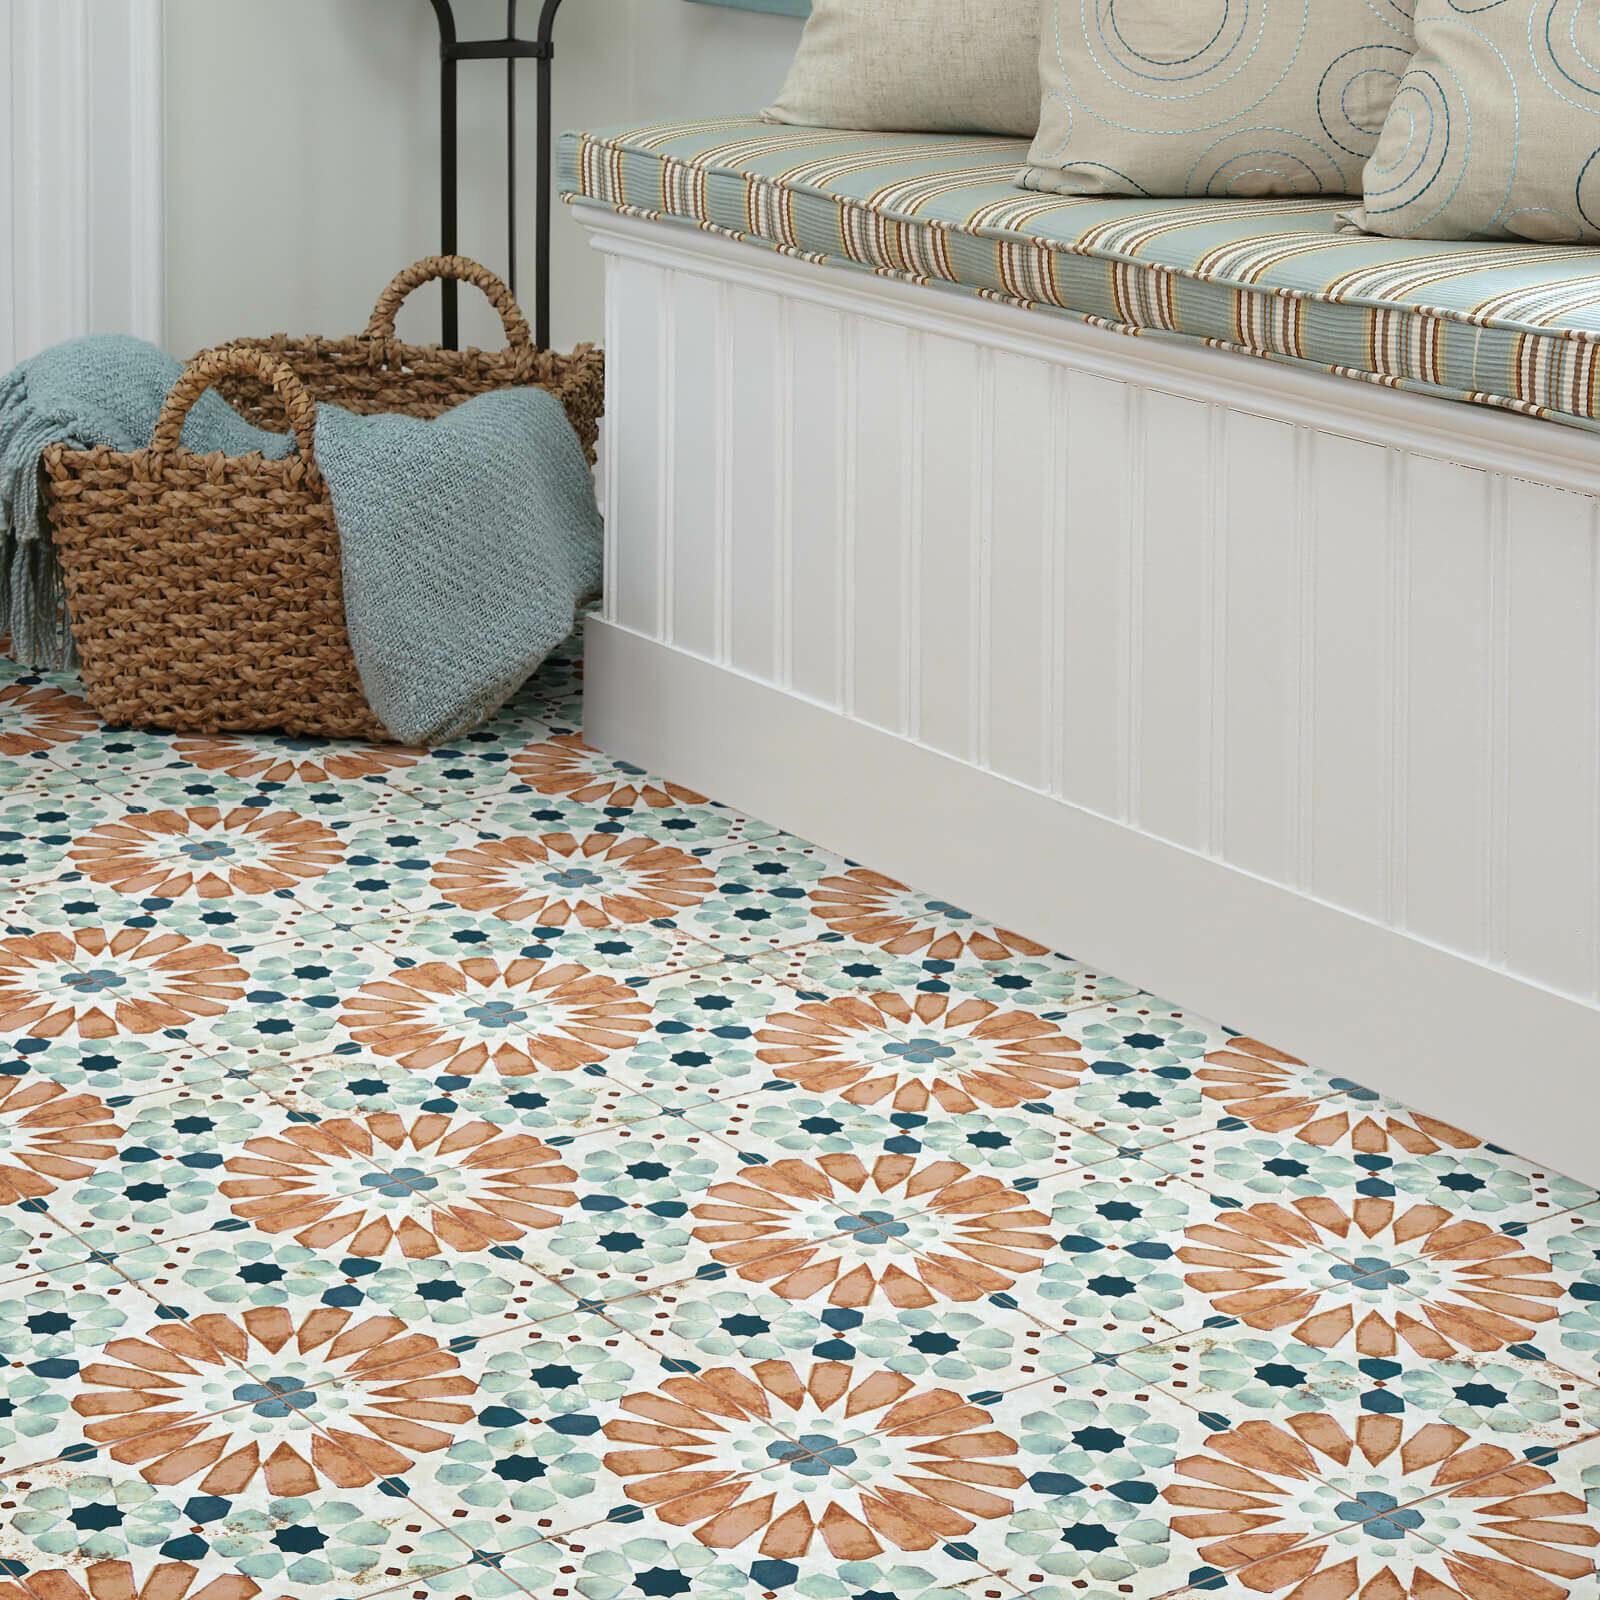 Explore Tile Styles   O'Krent Floors